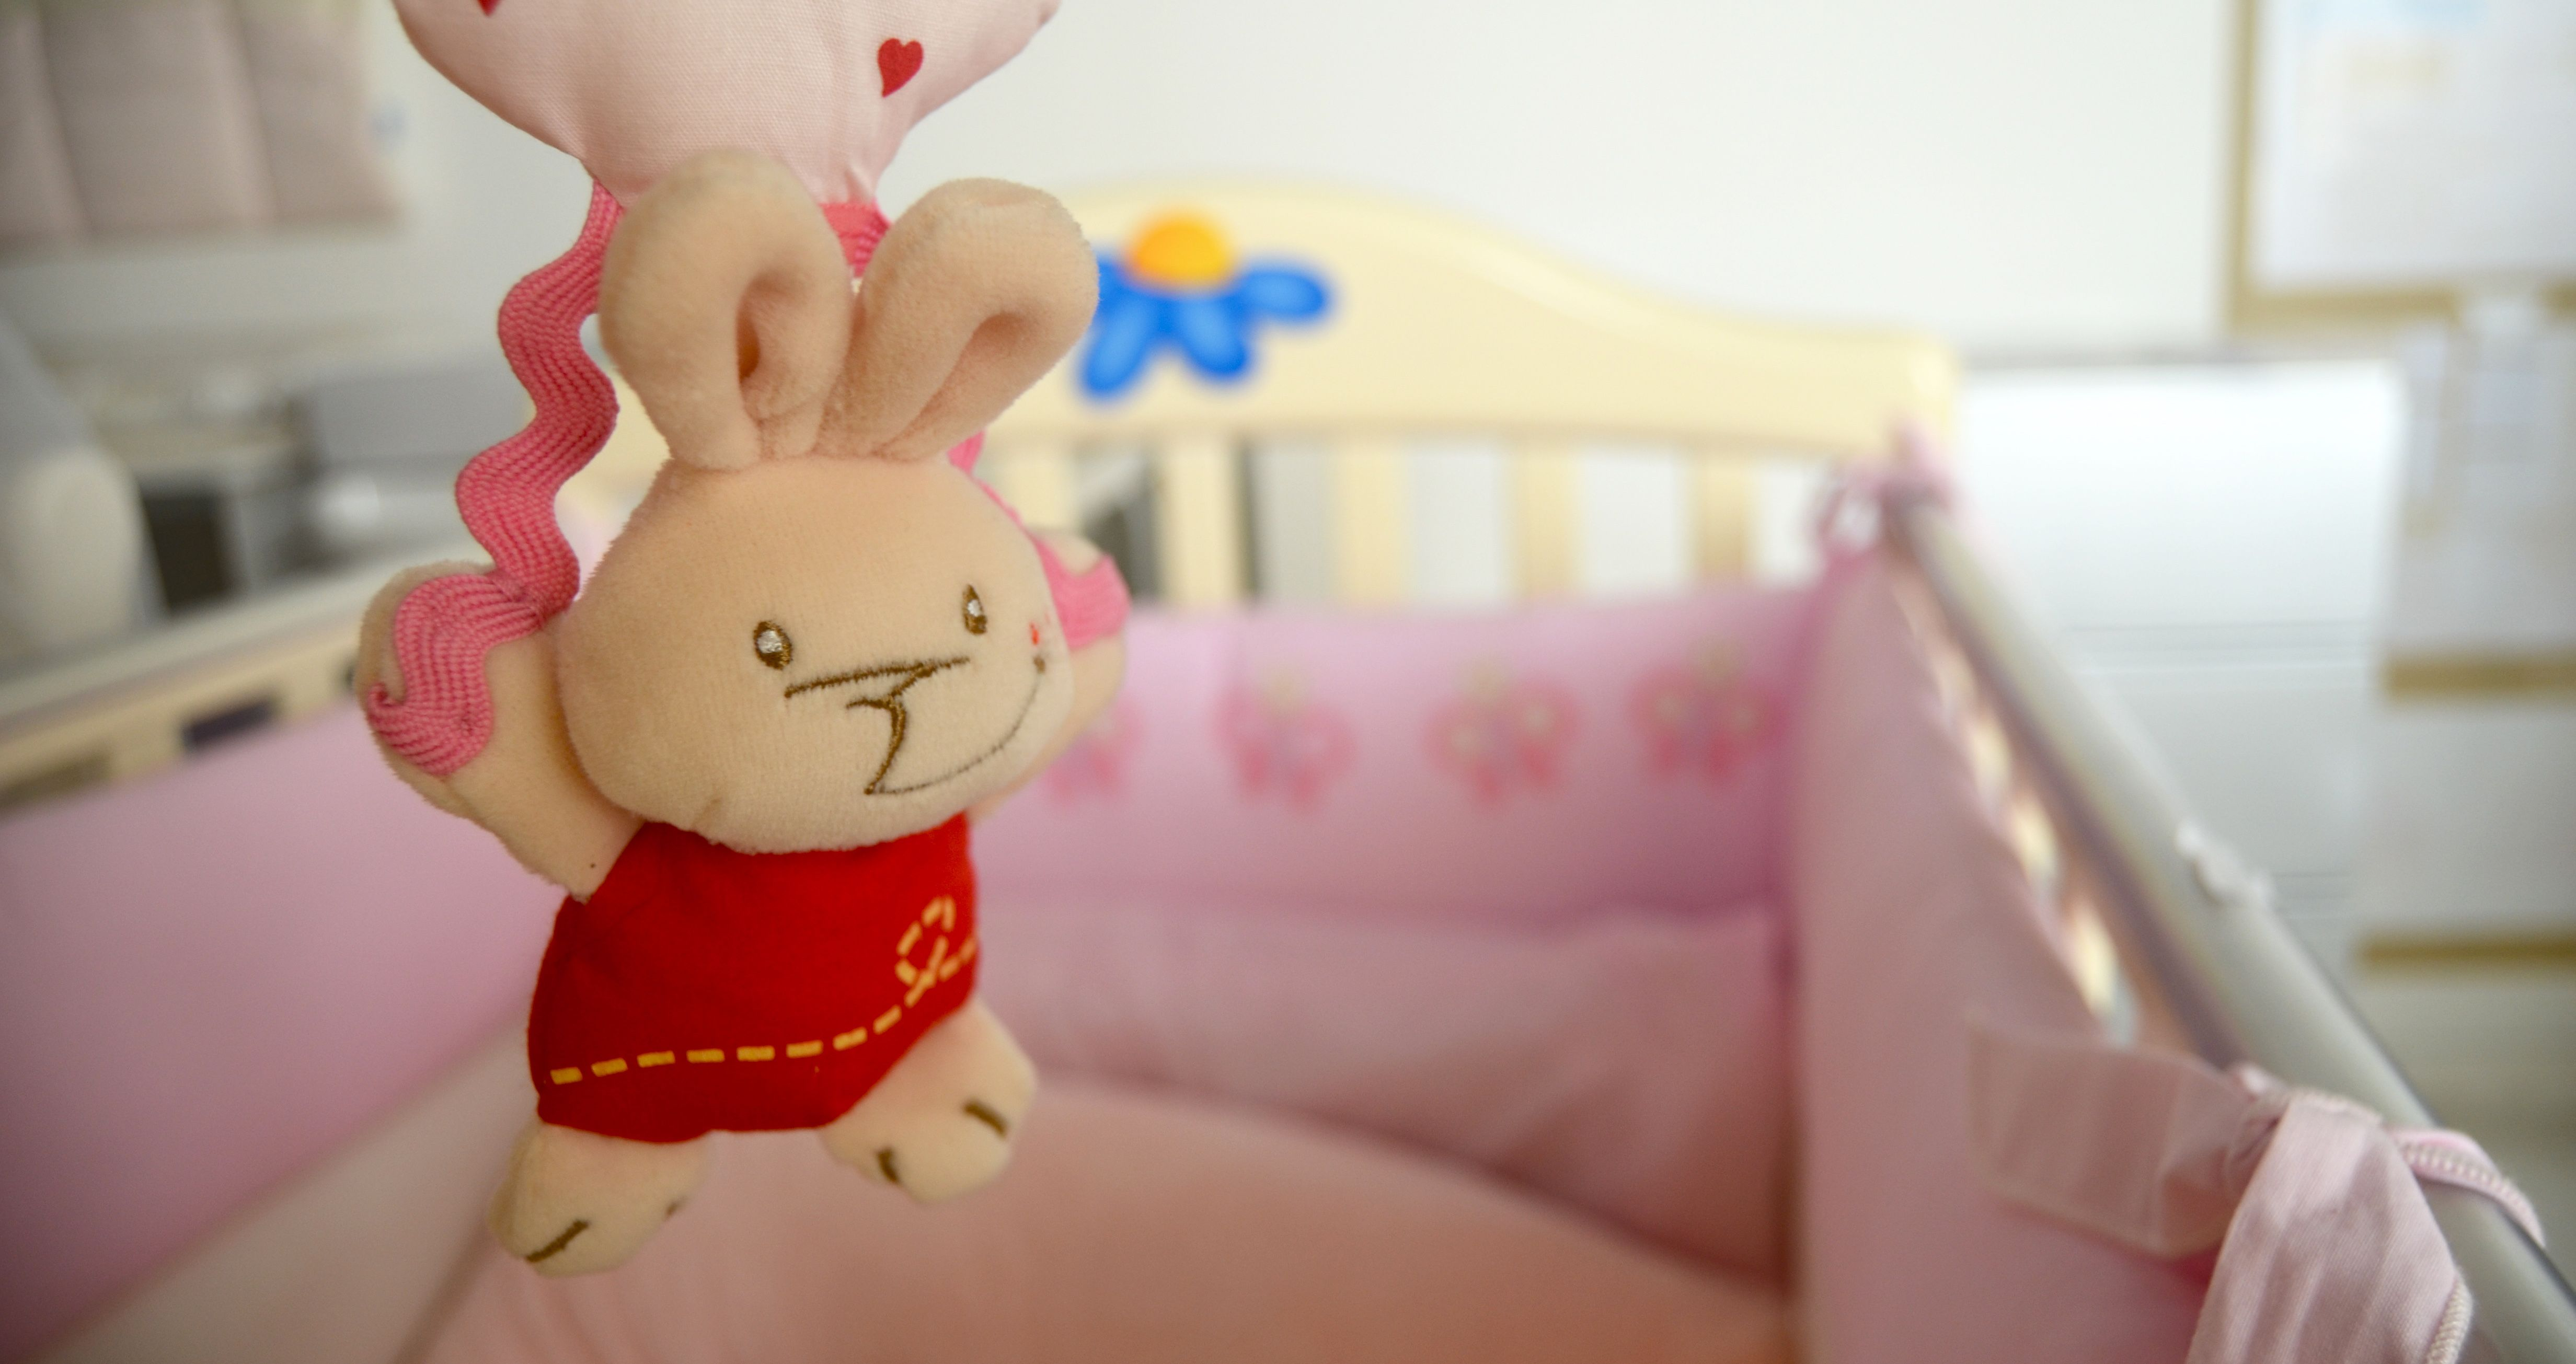 Cerchi una cameretta per il tuo bambino?  Letti, materassi, cuscini, arredo e accessori nanna li trovi solo su www.casadelbambino.com